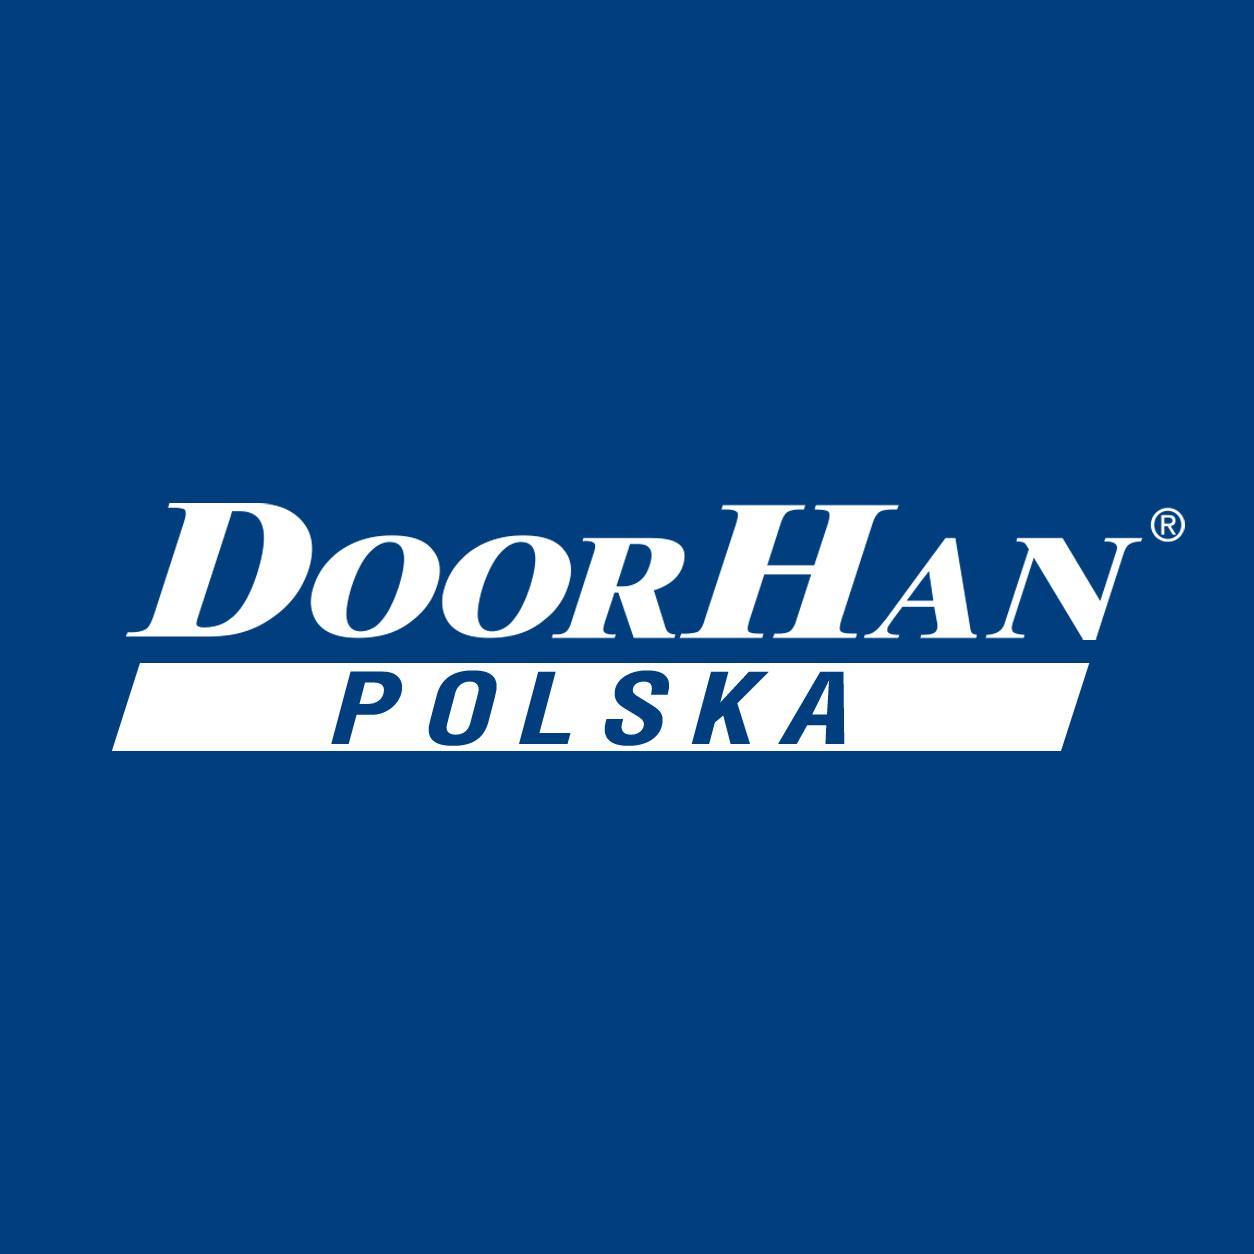 DOORHAN Polska